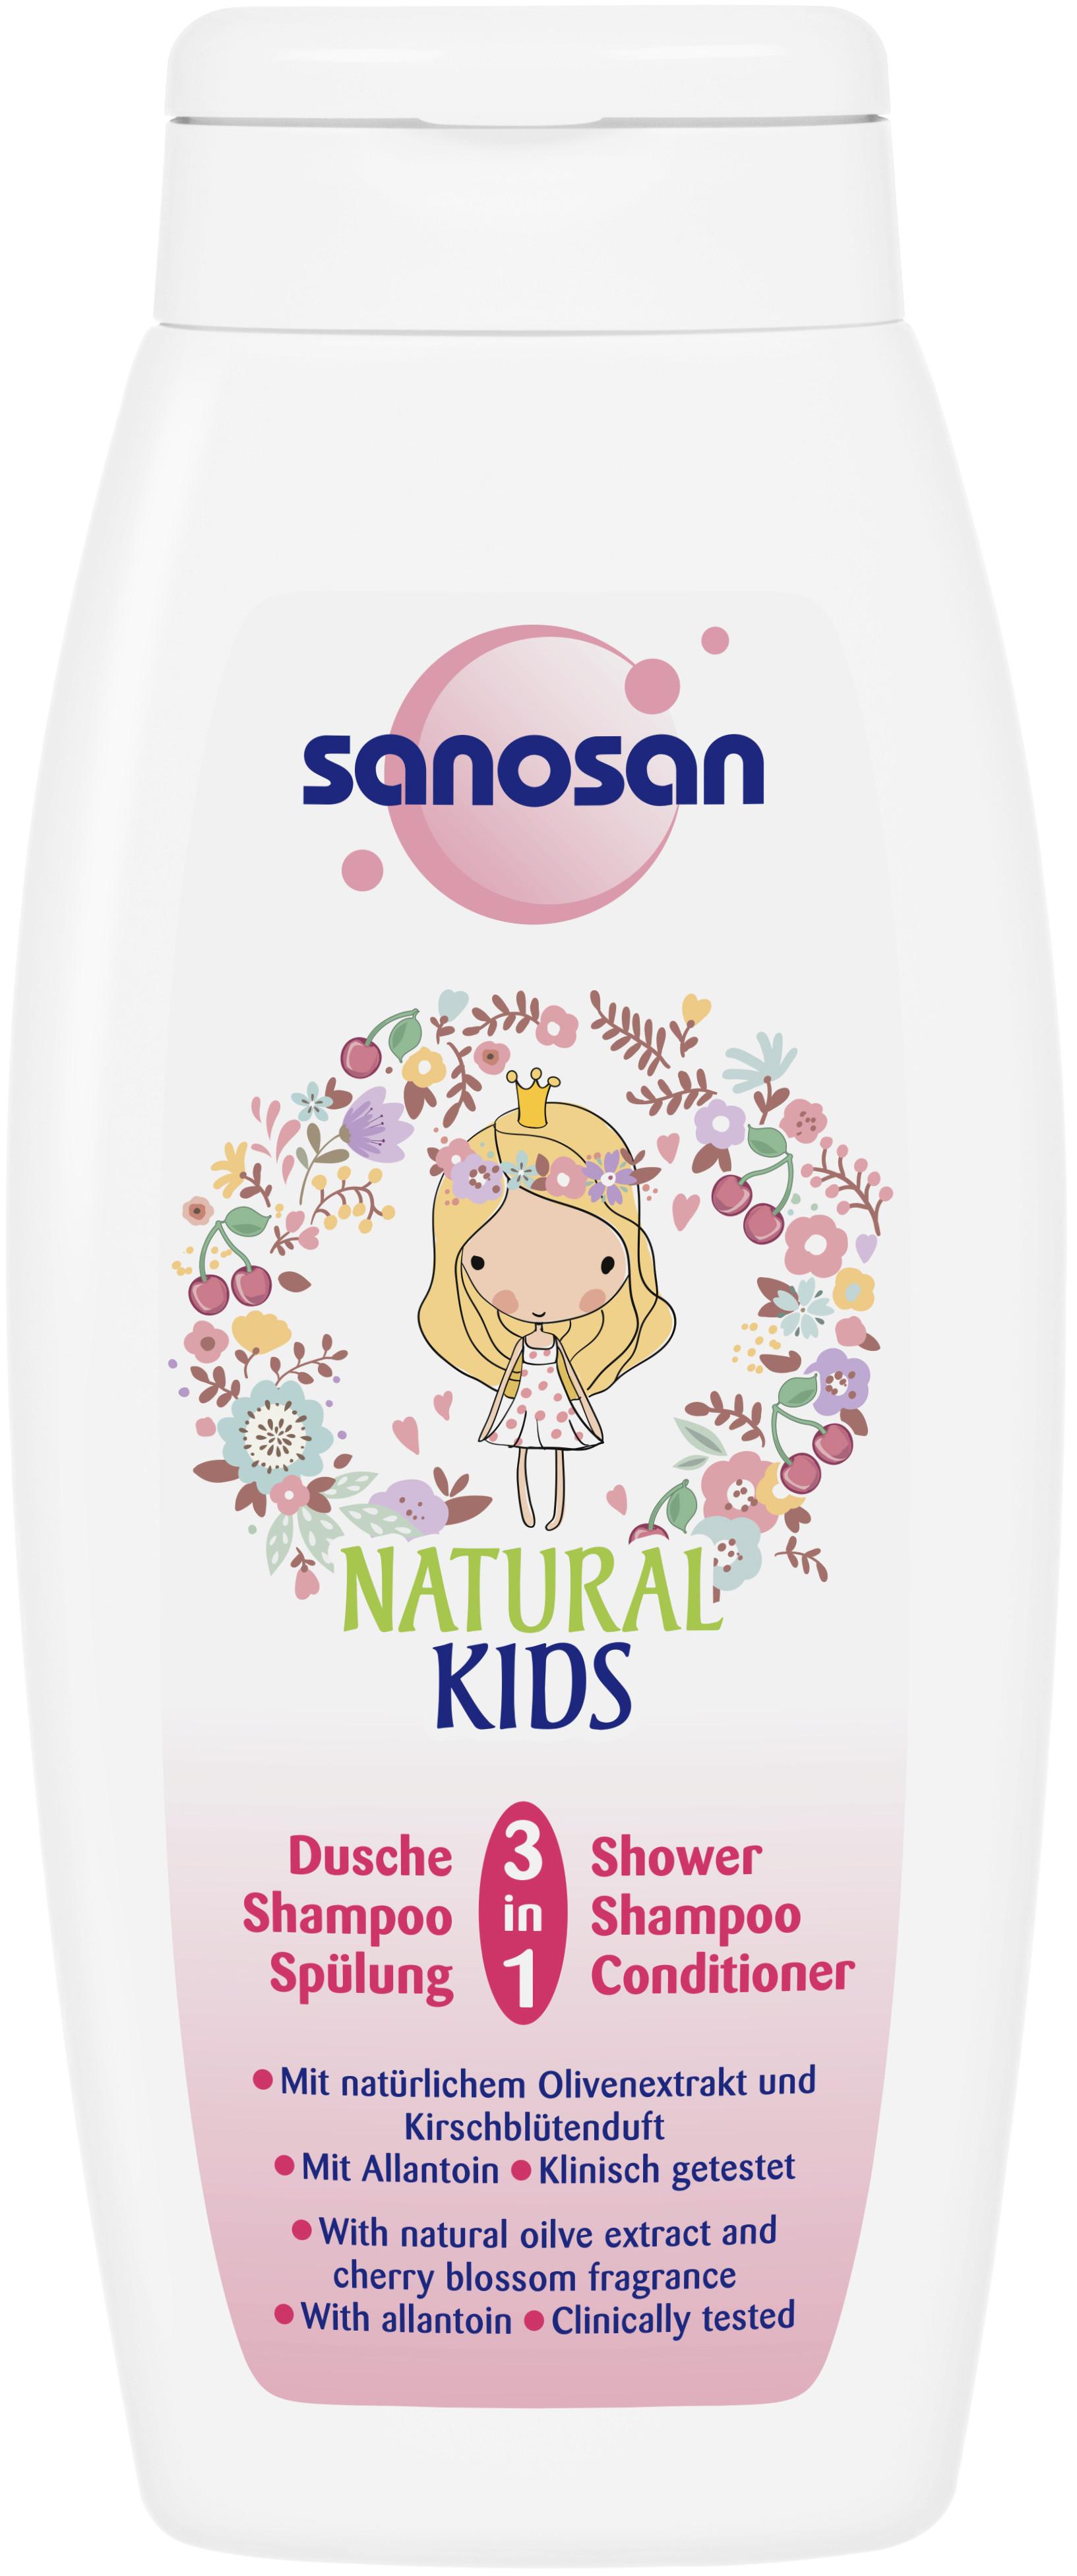 Фото Шампуни и бальзамы Sanosan Средство 3 в 1 Sanosan гель для душа, шампунь и кондиционер для девочек 250 мл